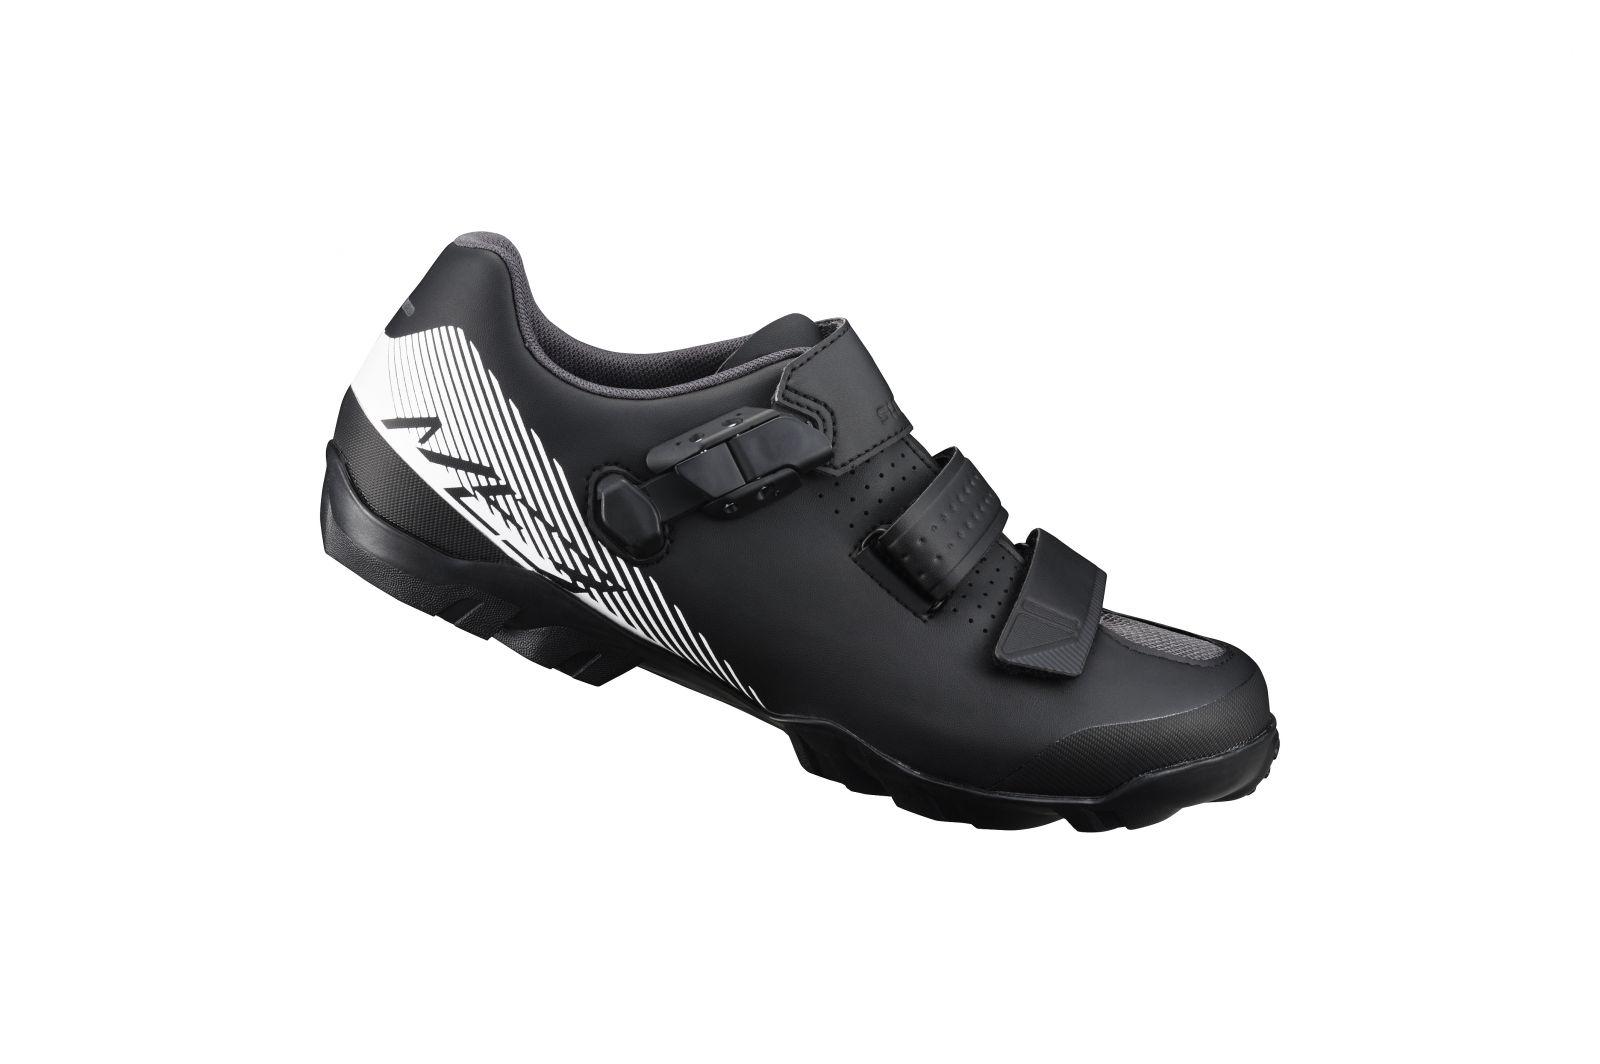 SHIMANO MTB obuv SH-ME300ML, černá, 41